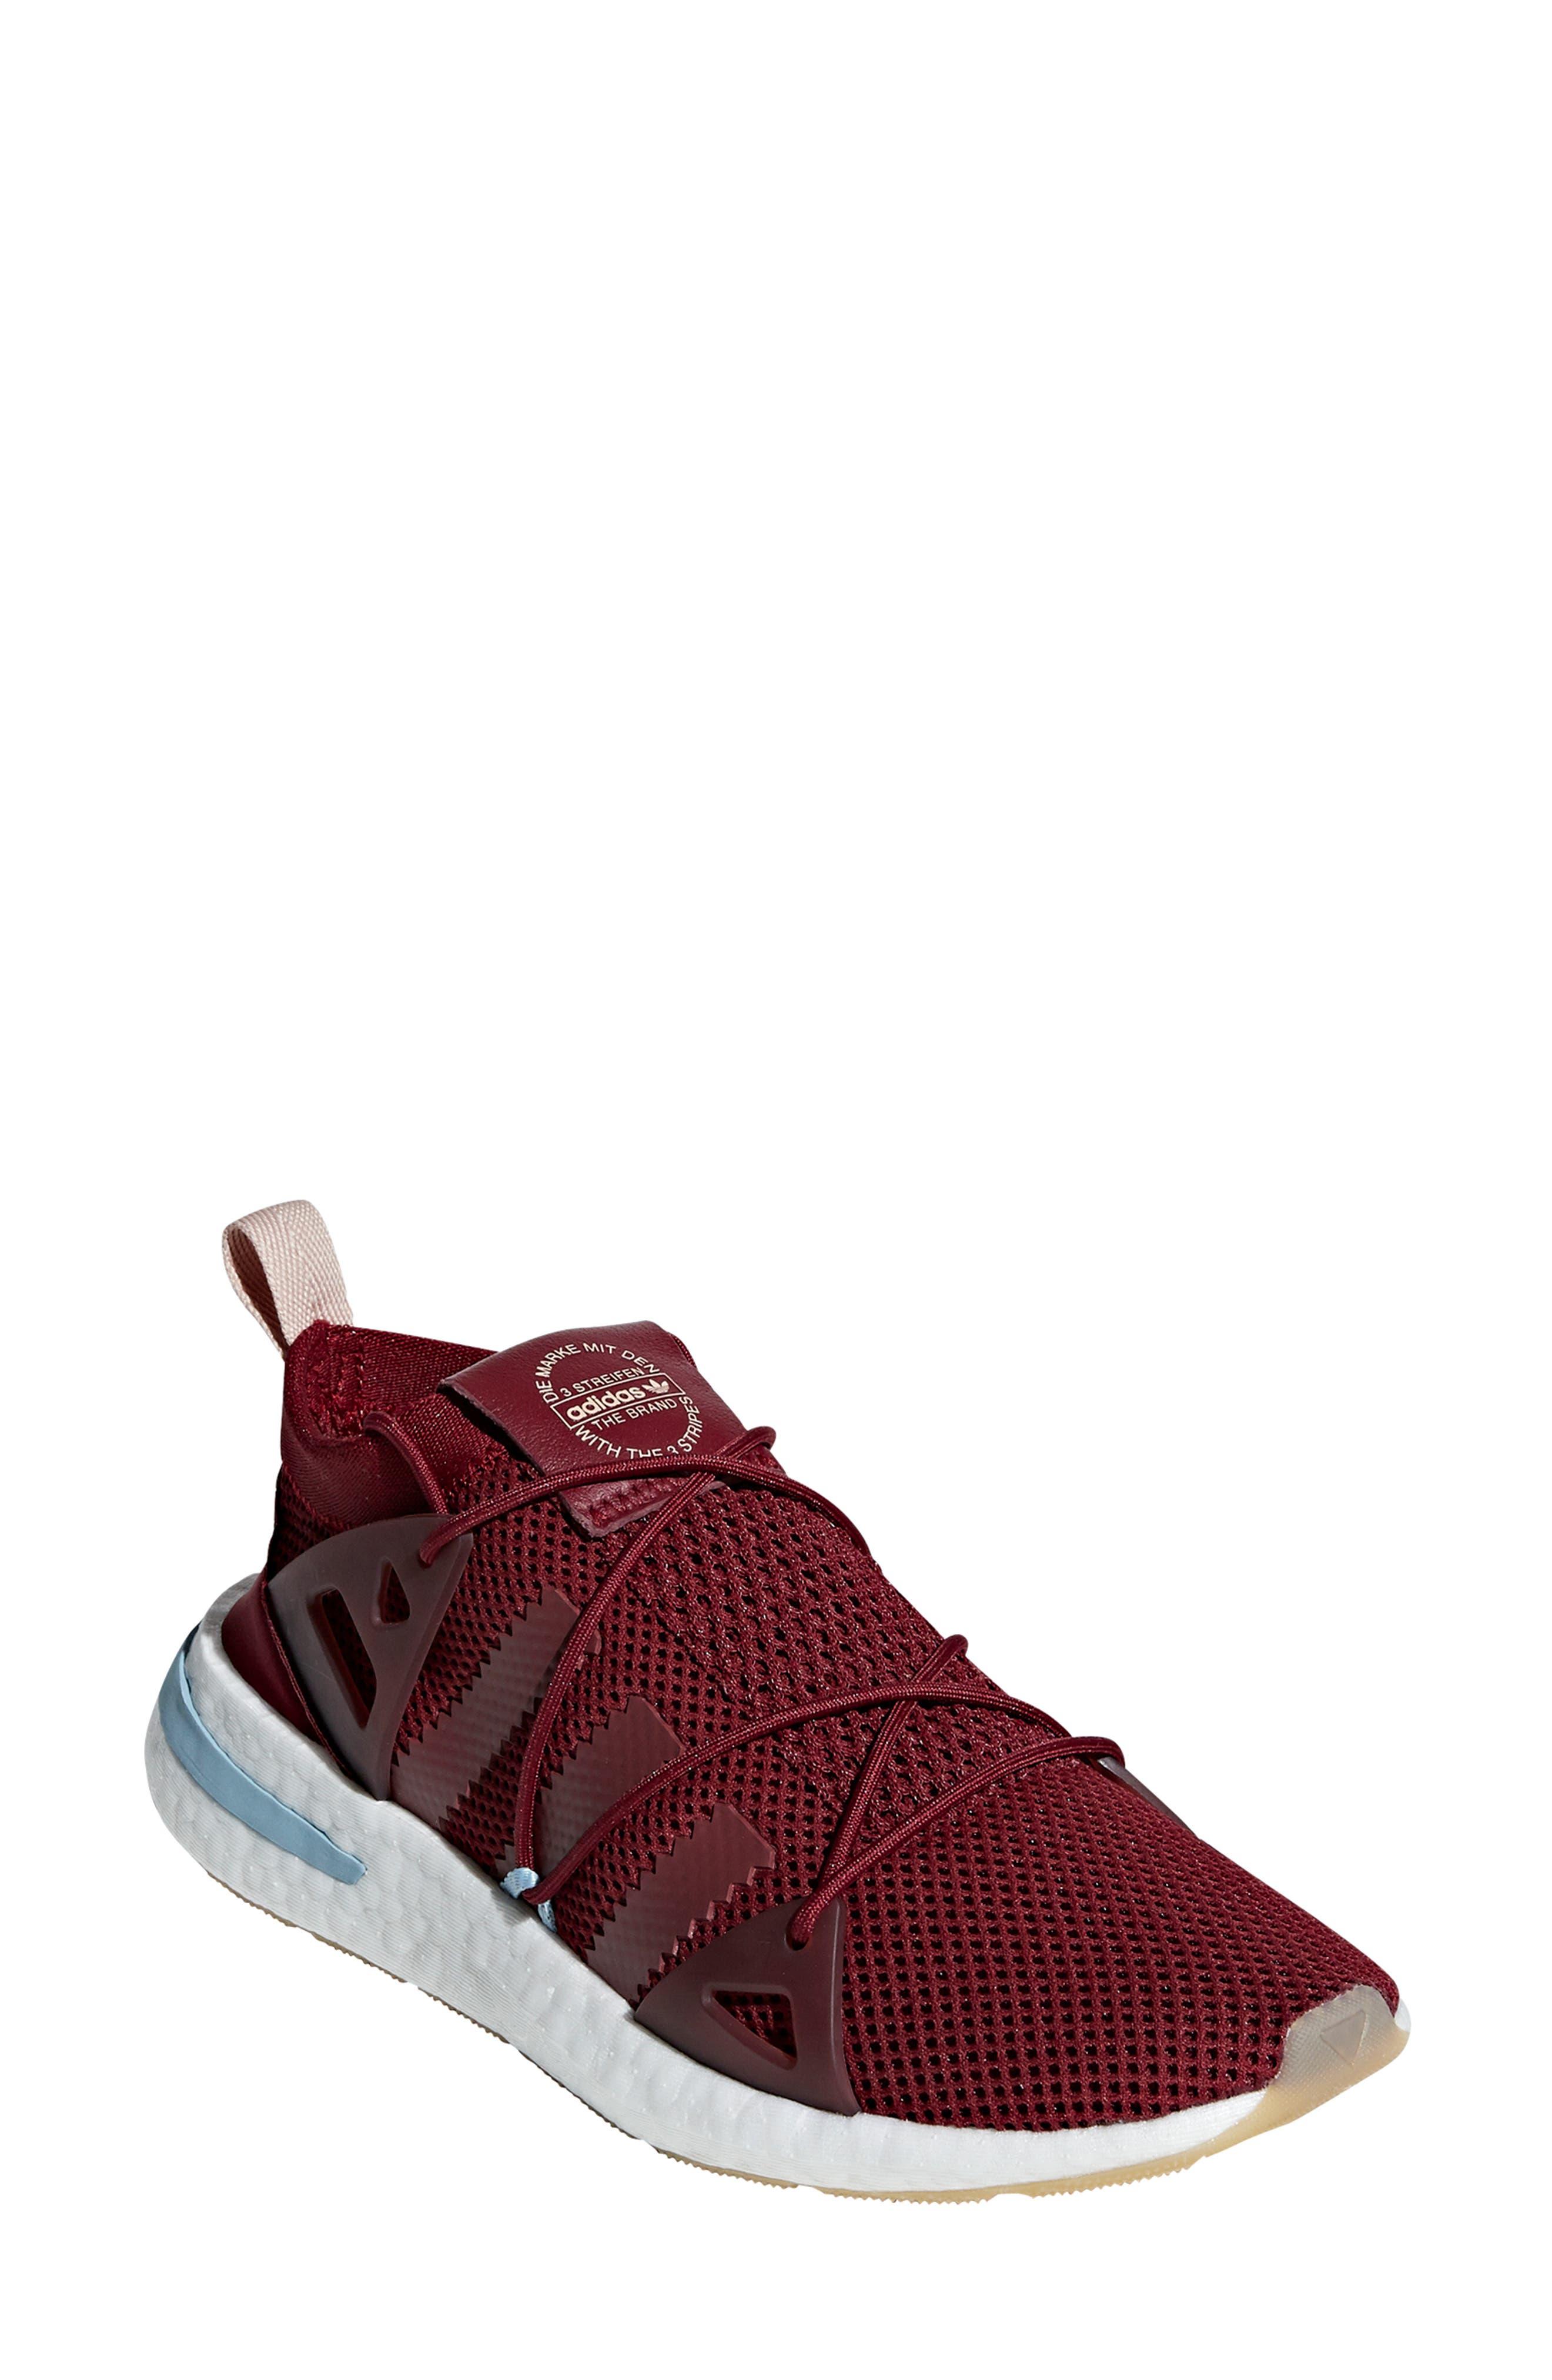 best sneakers 16556 10164 Adidas Arkyn Sneaker- Burgundy